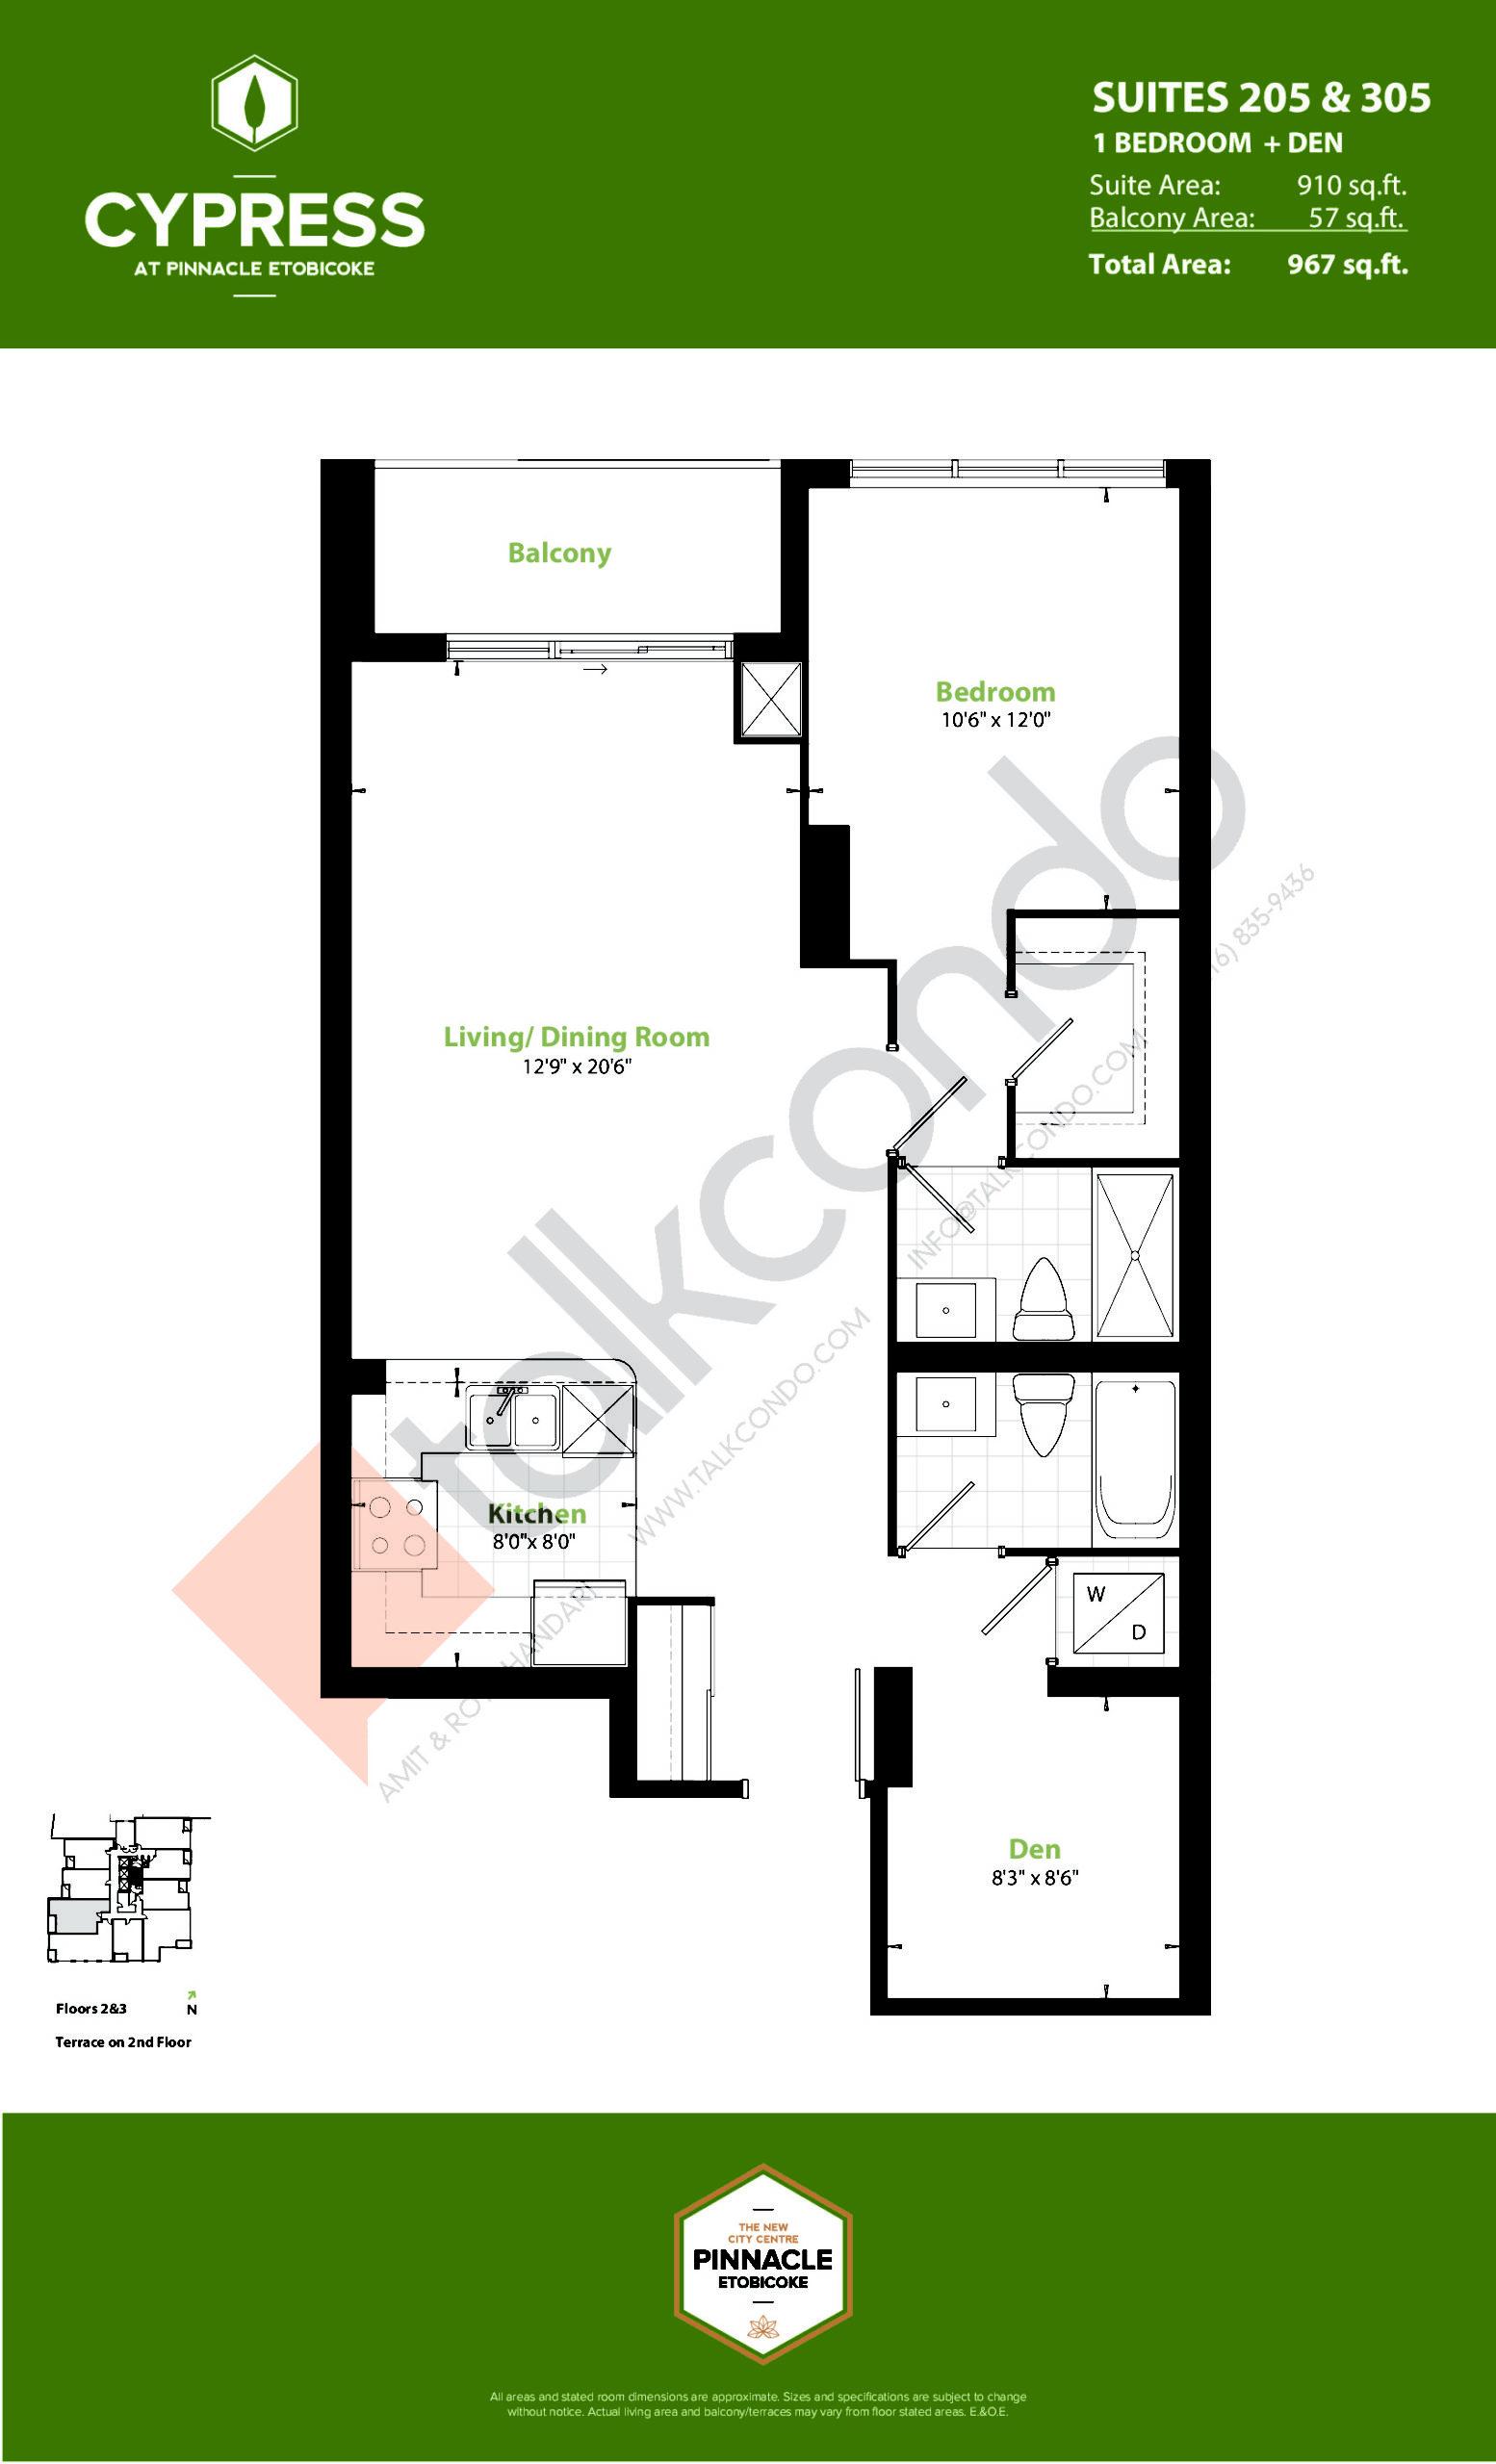 Suites 205 & 305 (Podium) Floor Plan at Cypress at Pinnacle Etobicoke - 910 sq.ft